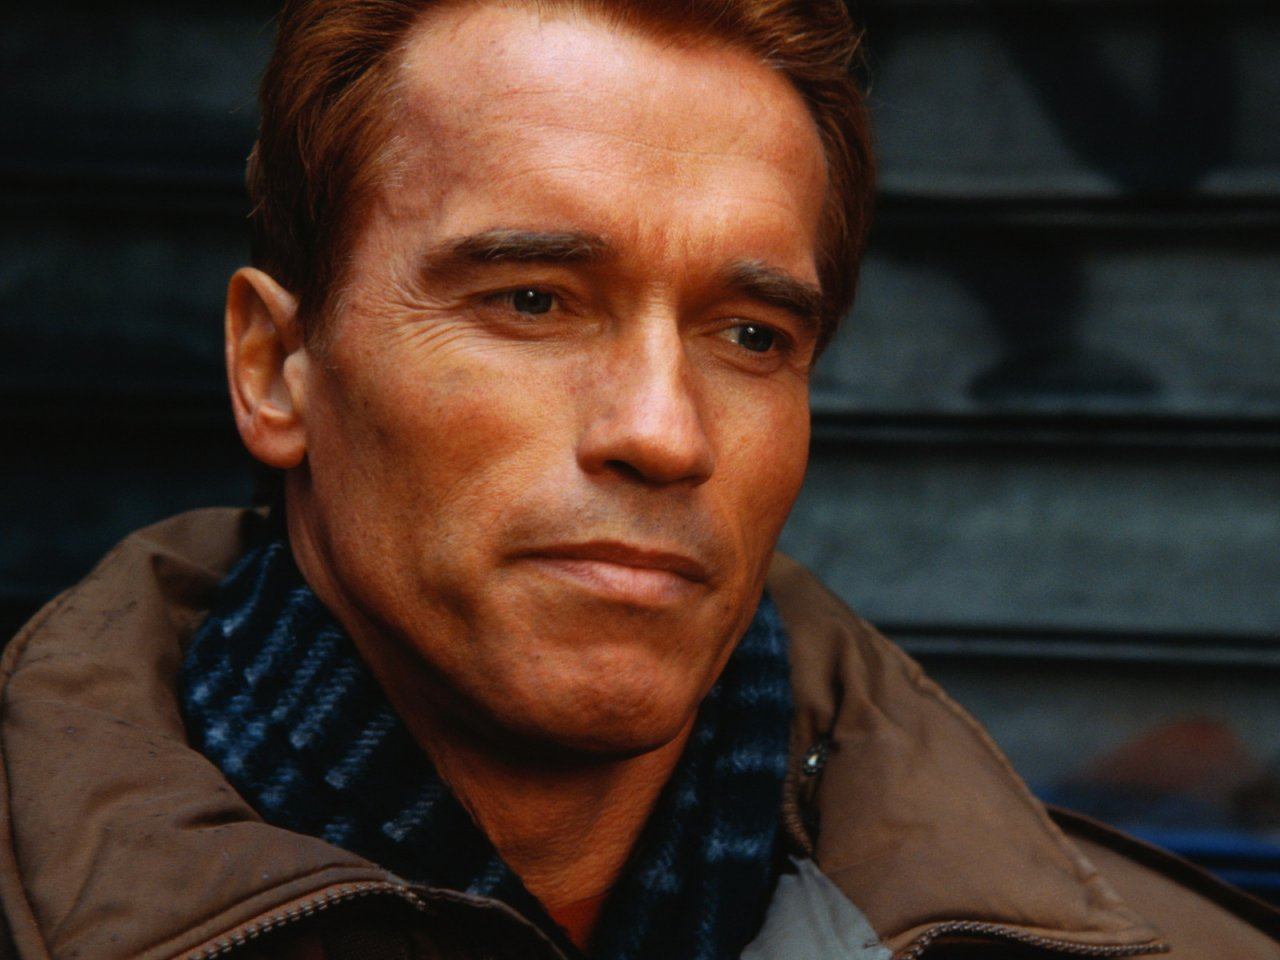 http://3.bp.blogspot.com/-TYtYKboOTtc/T_5L276a7qI/AAAAAAAAHtc/sN480MSN1Rs/s1600/Arnold+Schwarzenegger-Wallpaper-2.jpg